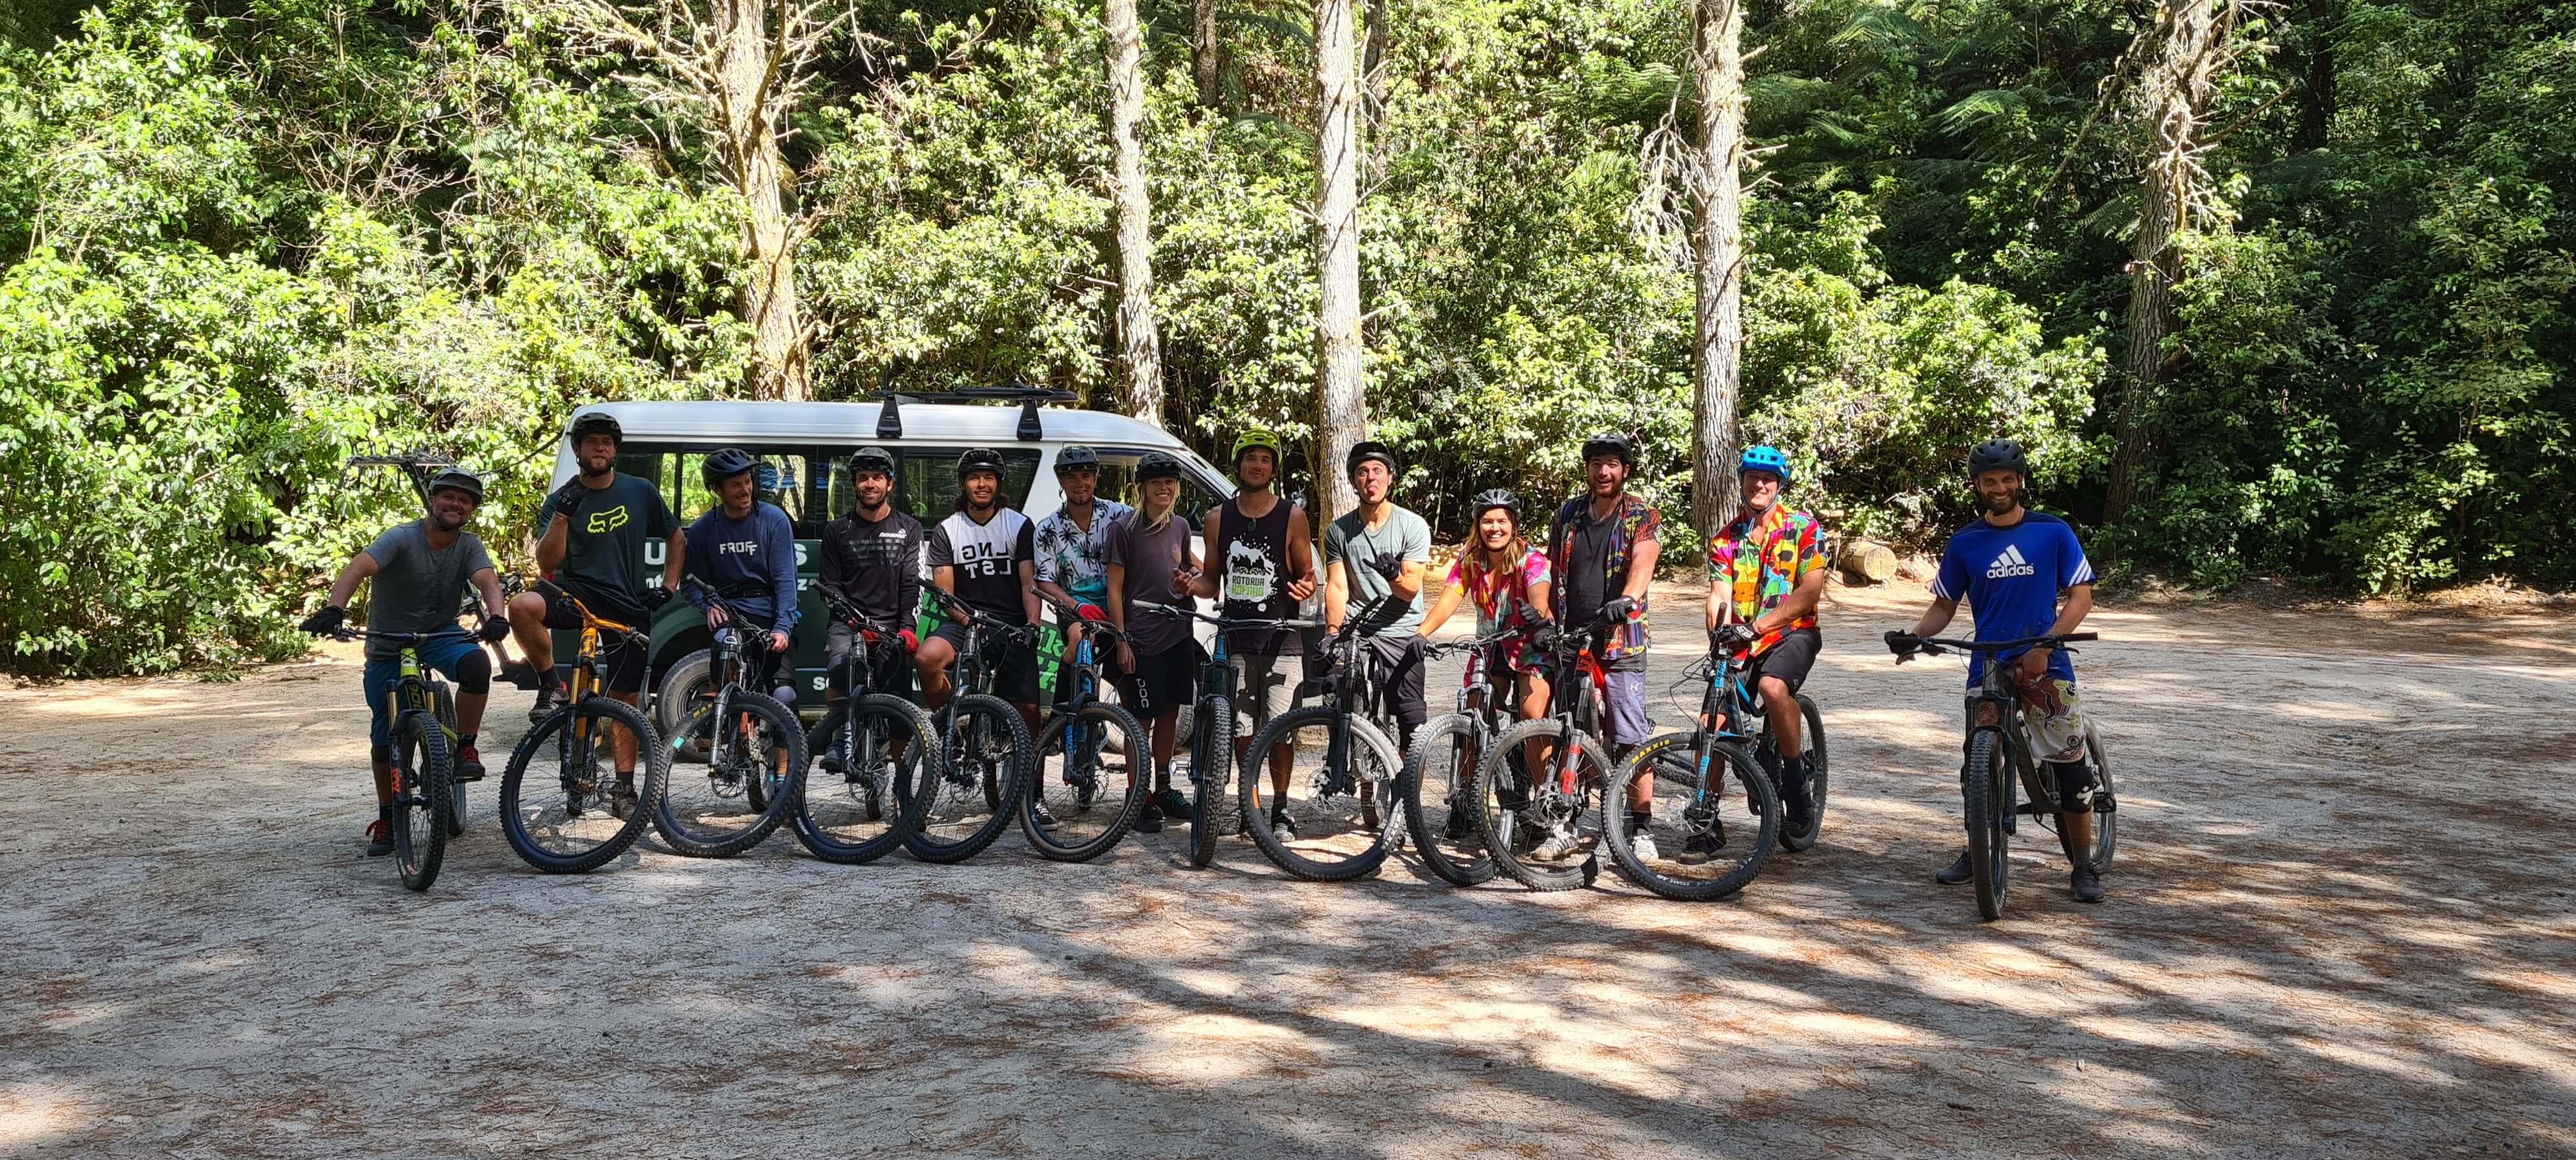 rotorua rafting crew mountain biking